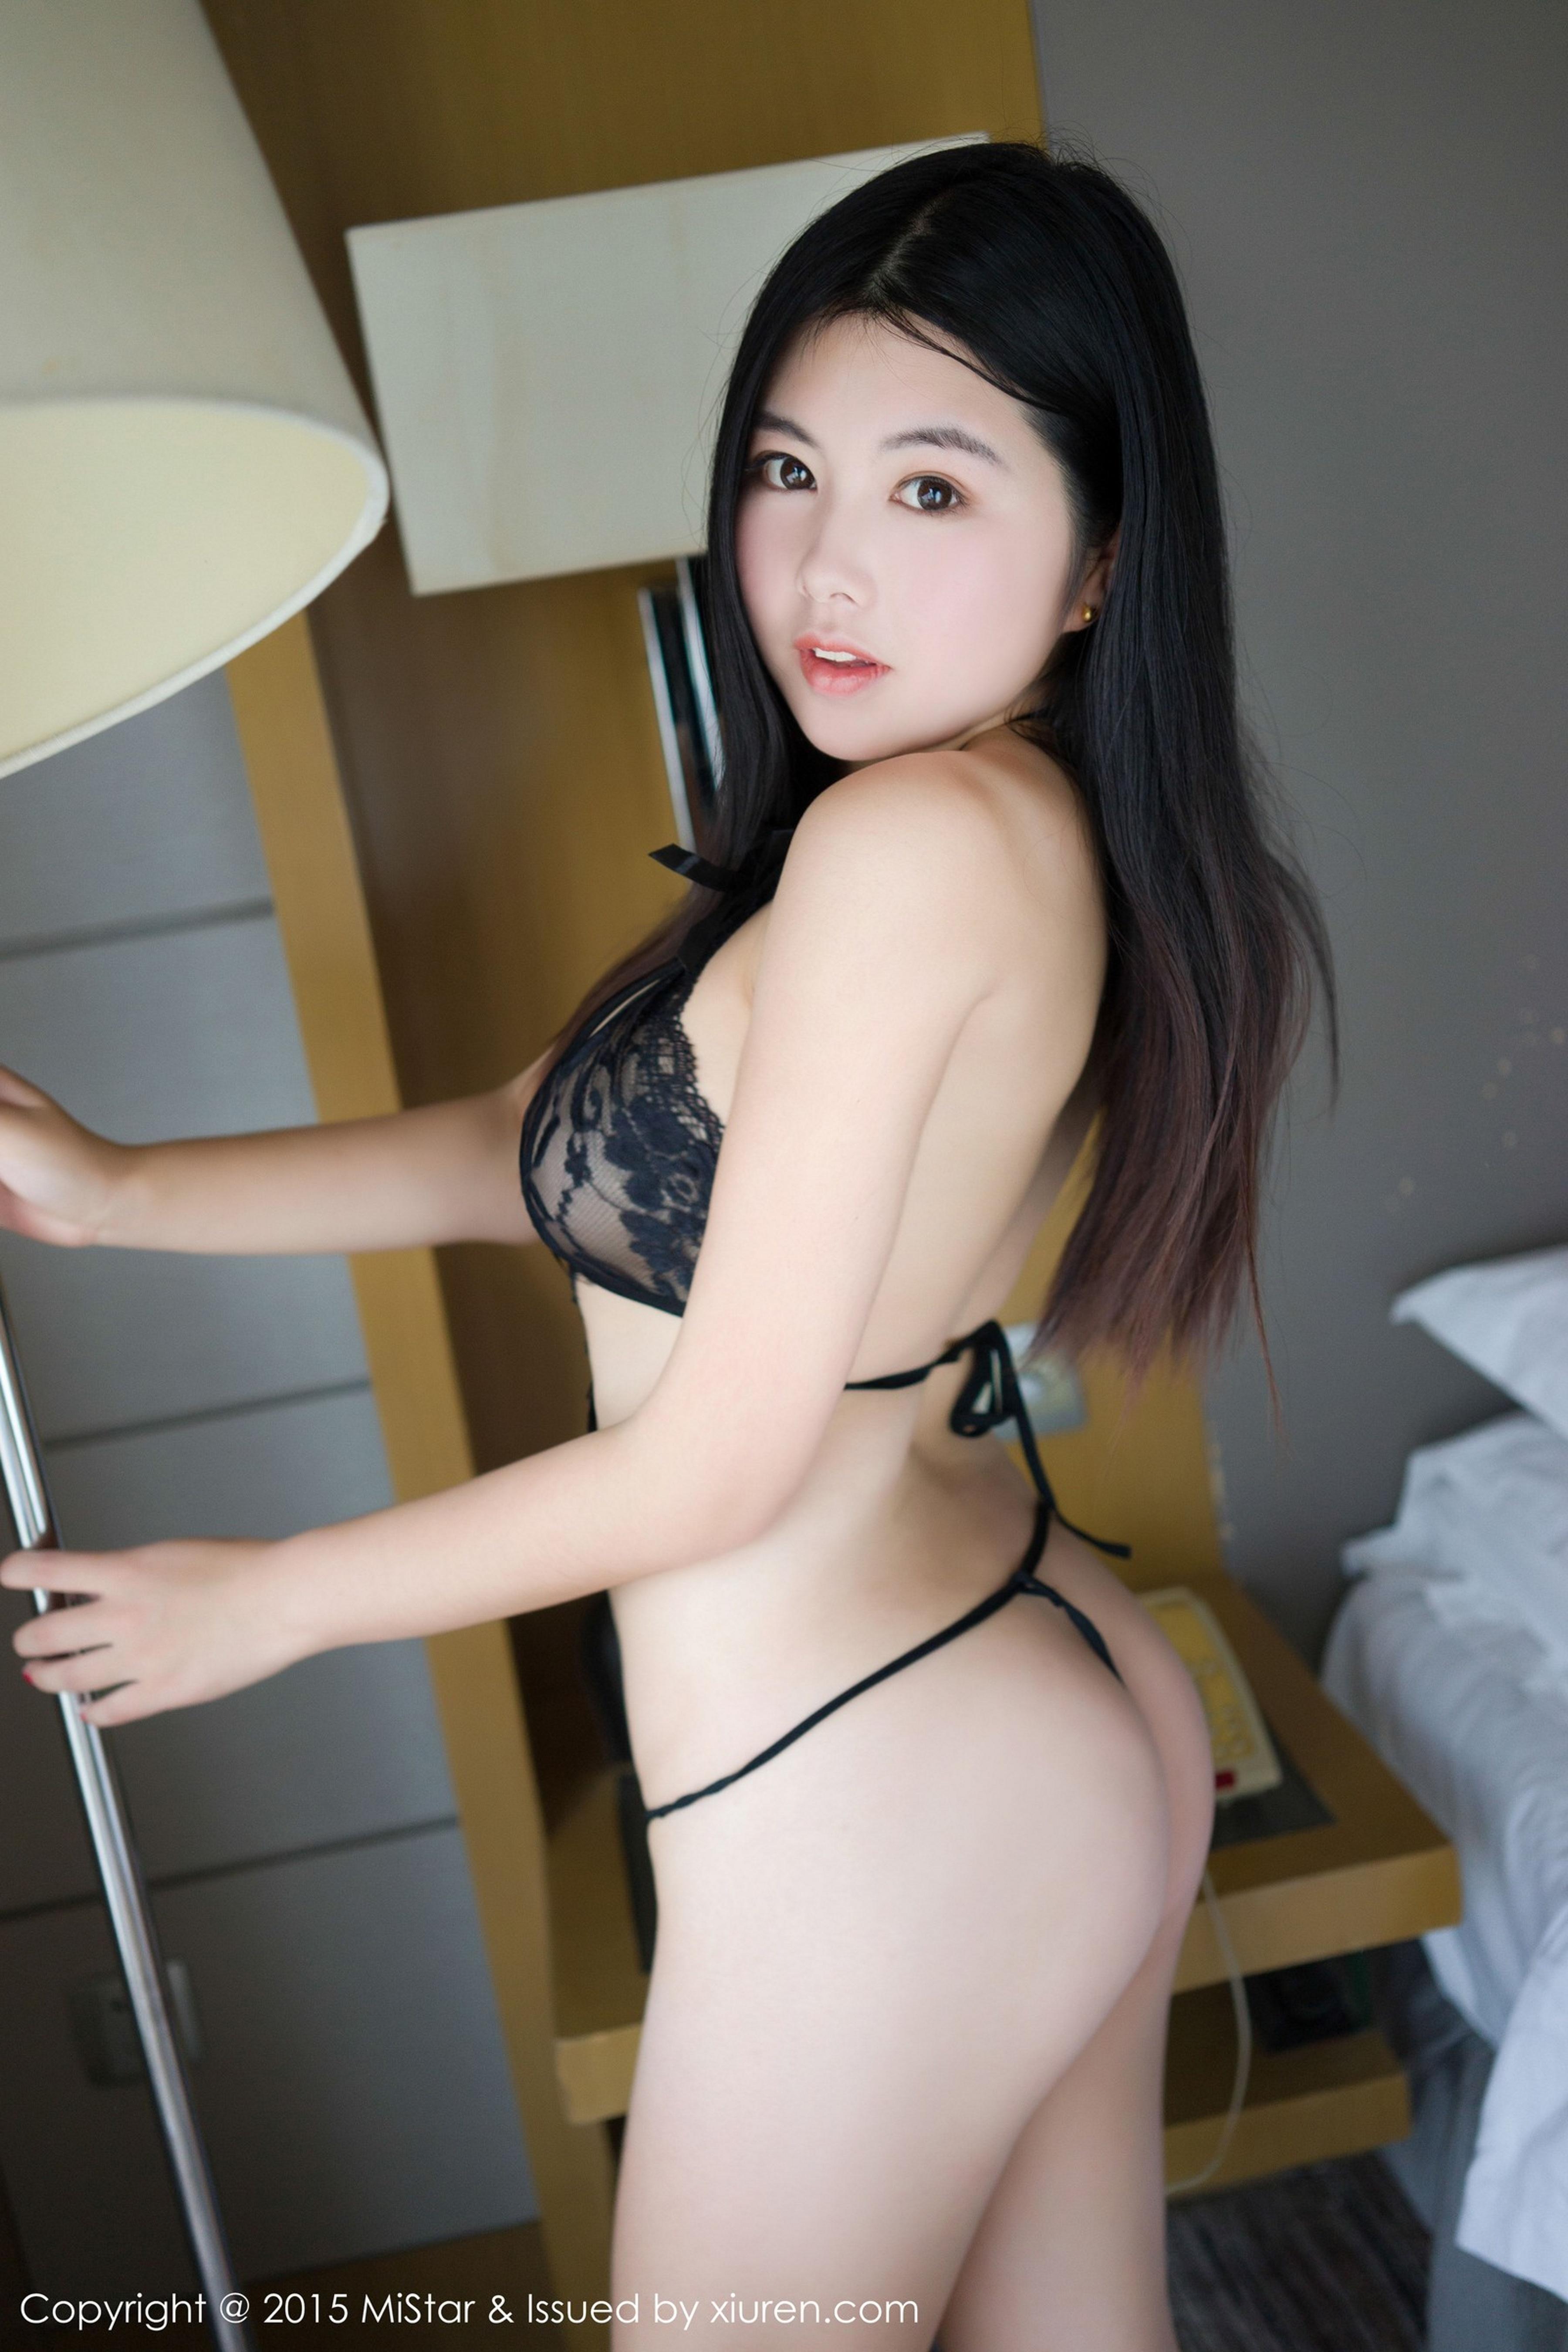 Stacy ferguson ass